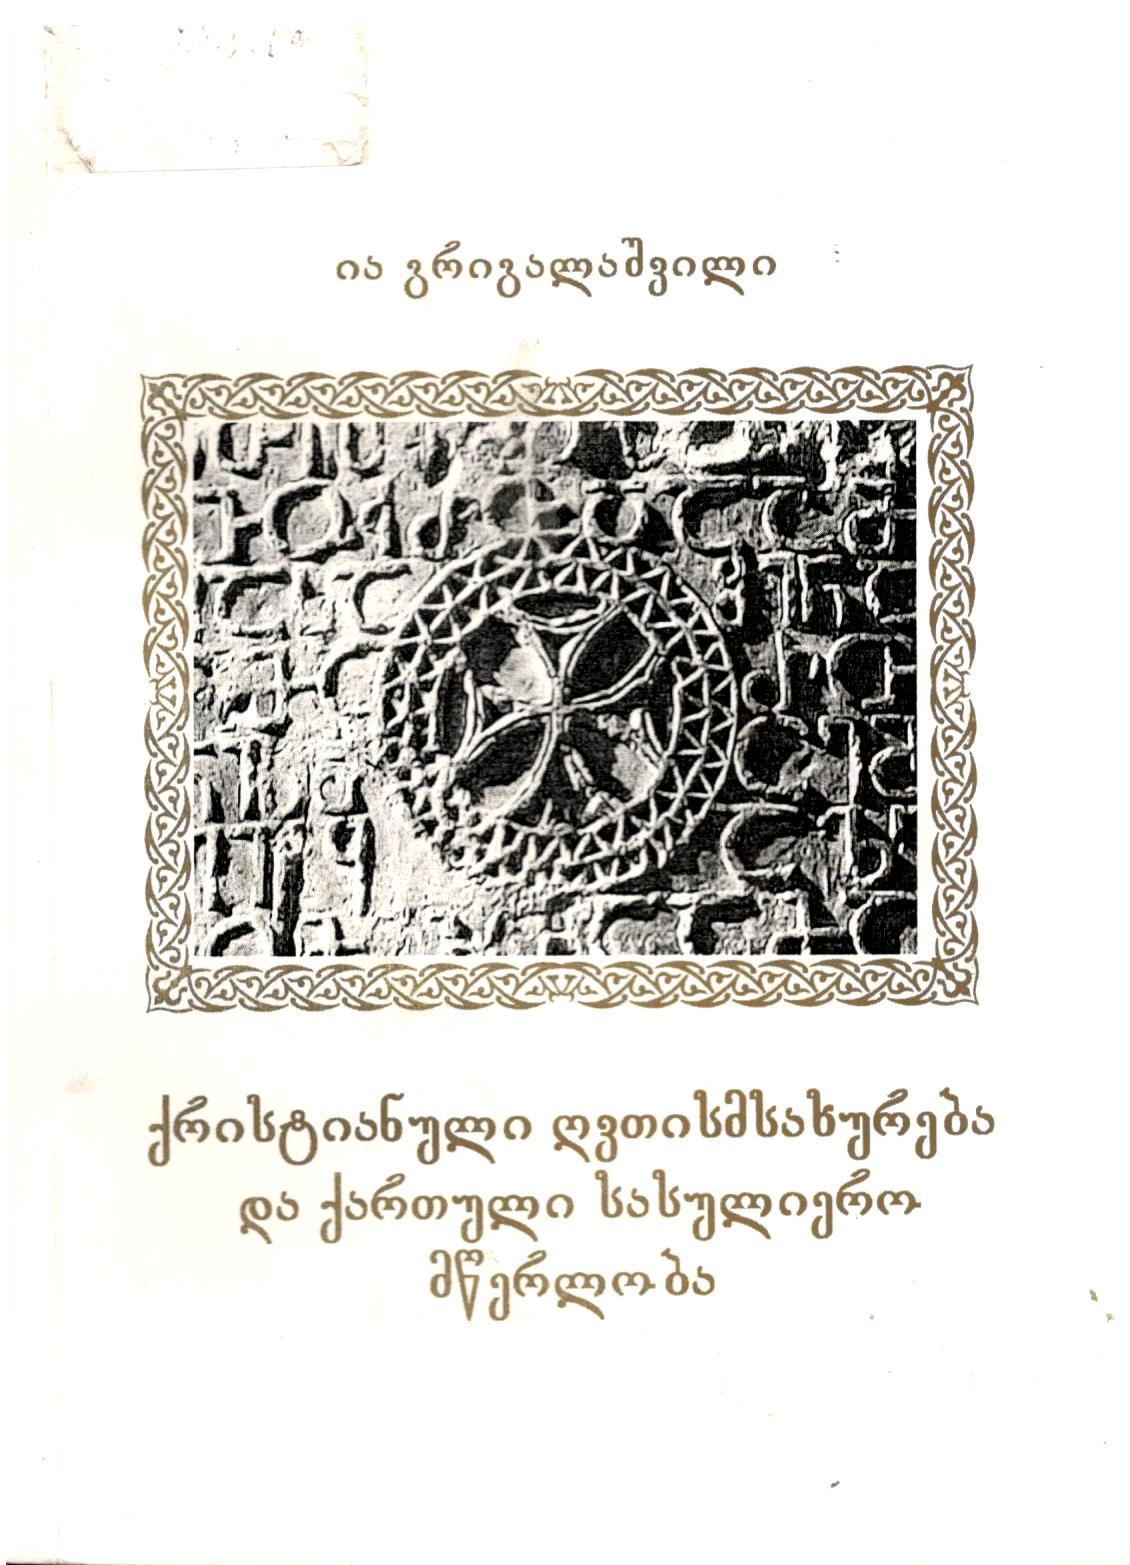 გრიგალაშვილი ია - ქრისტიანული ღვთისმსახურება და ქართული სასულიერო მწერლობა.